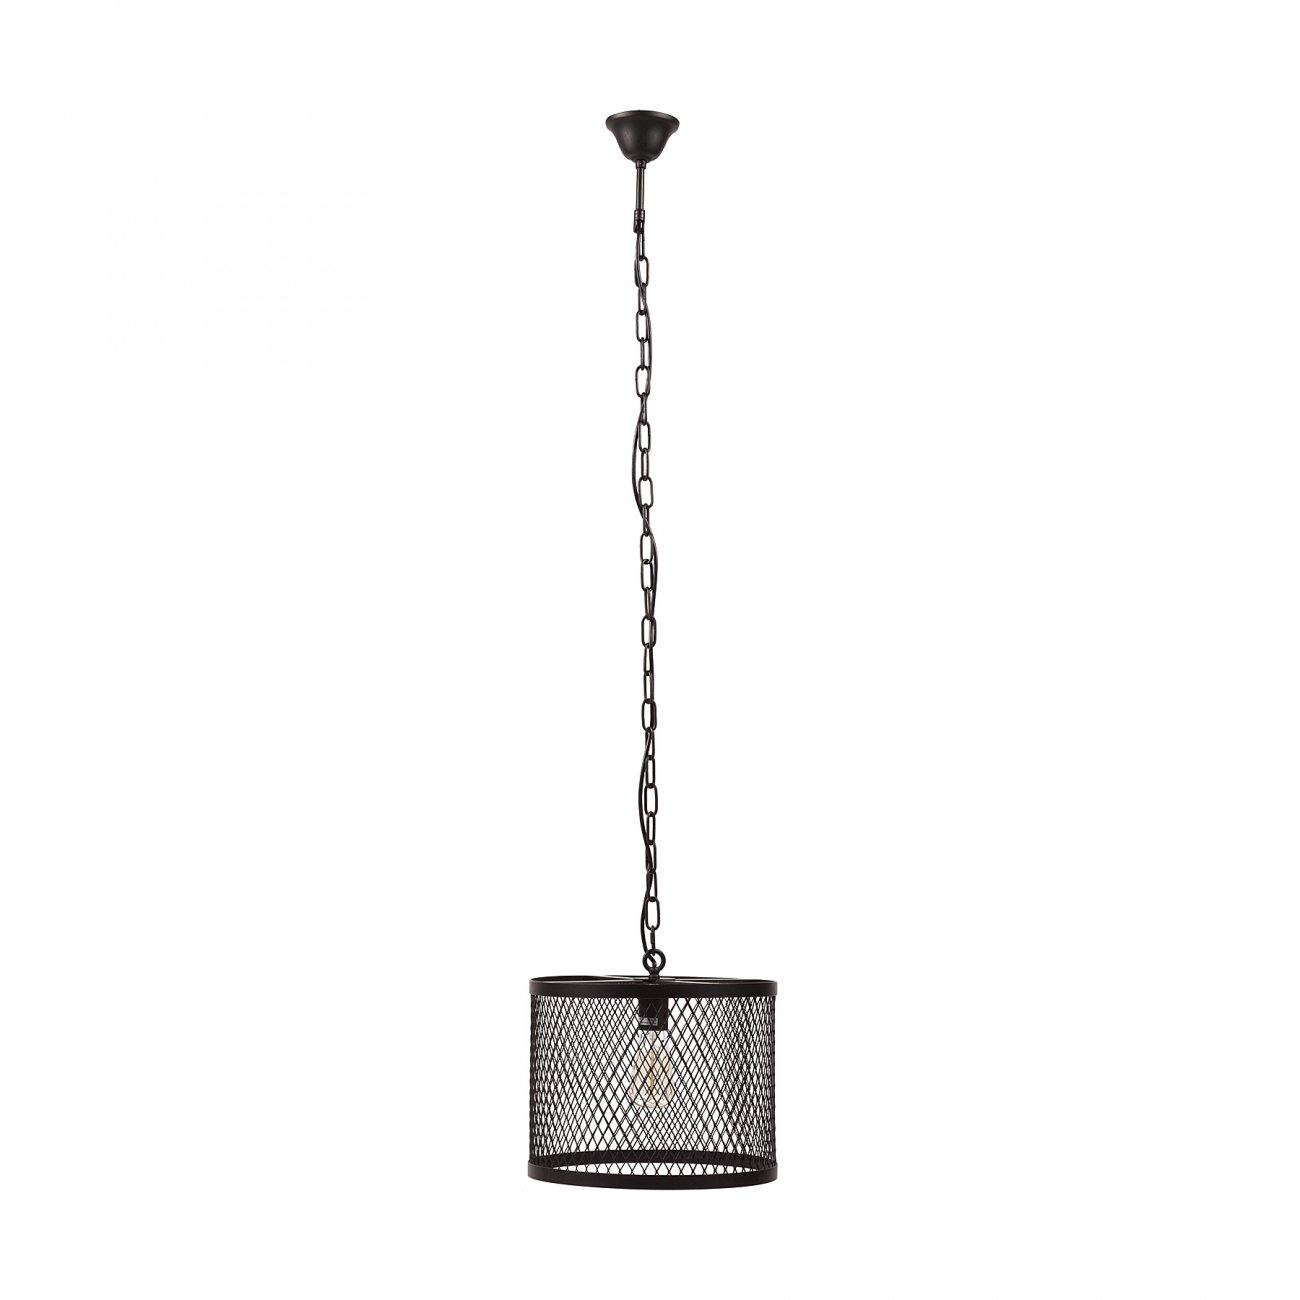 Купить Подвесной светильник Chillos в интернет магазине дизайнерской мебели и аксессуаров для дома и дачи